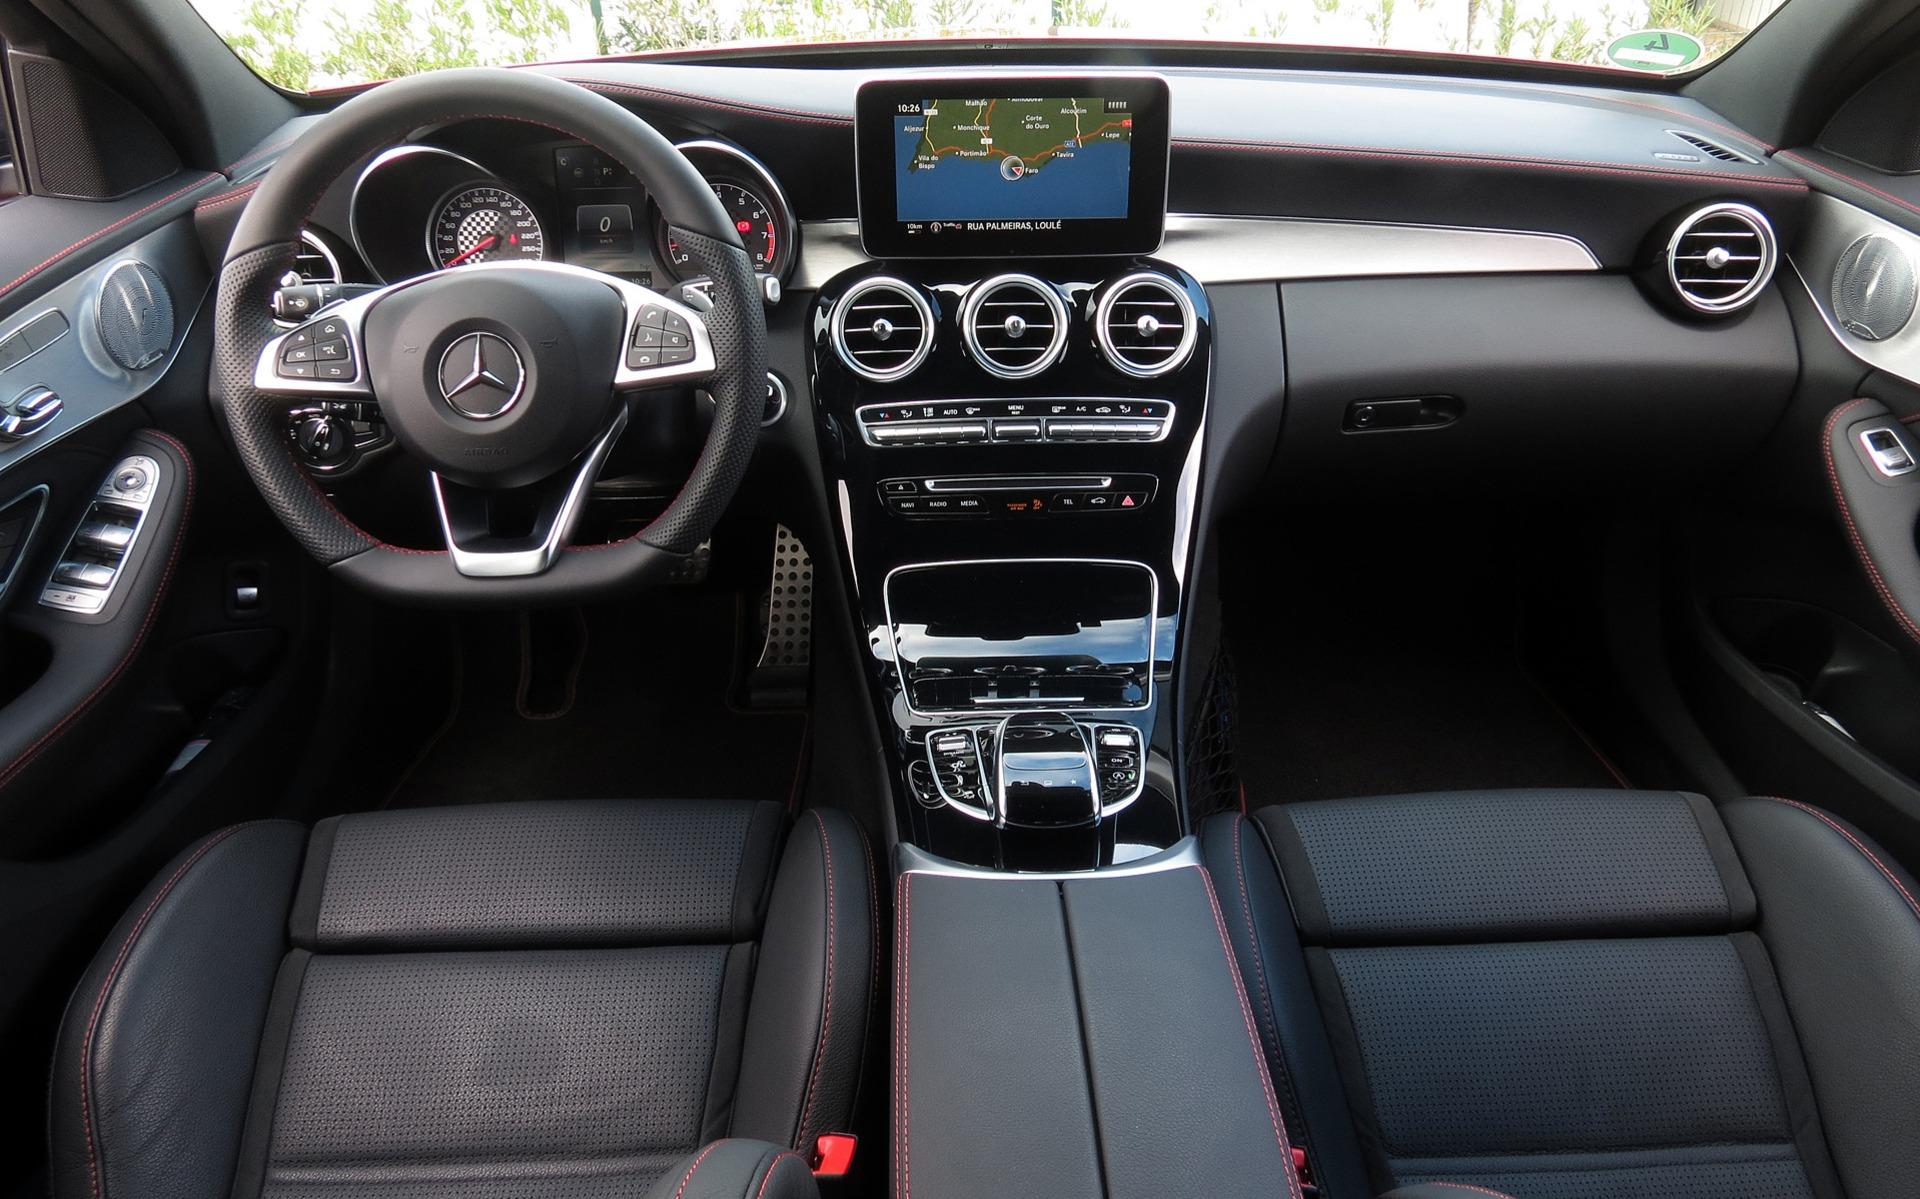 2016 Mercedes Benz C450 Amg 4matic Can T Wait Until Autumn 3 22